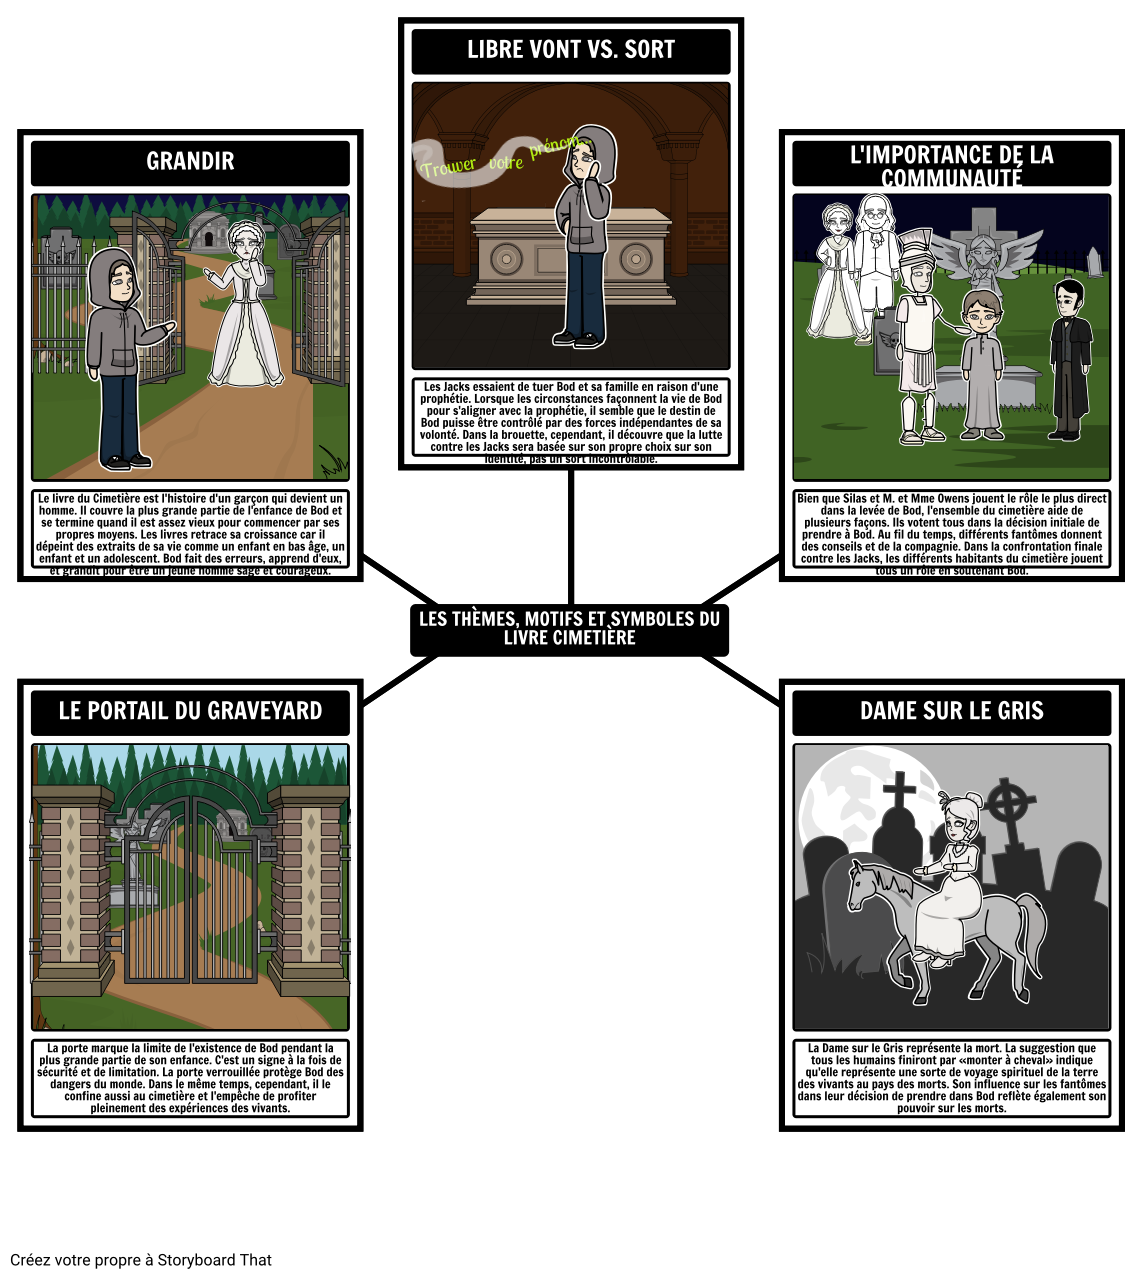 Thèmes, Motifs et Symboles du Cimetière